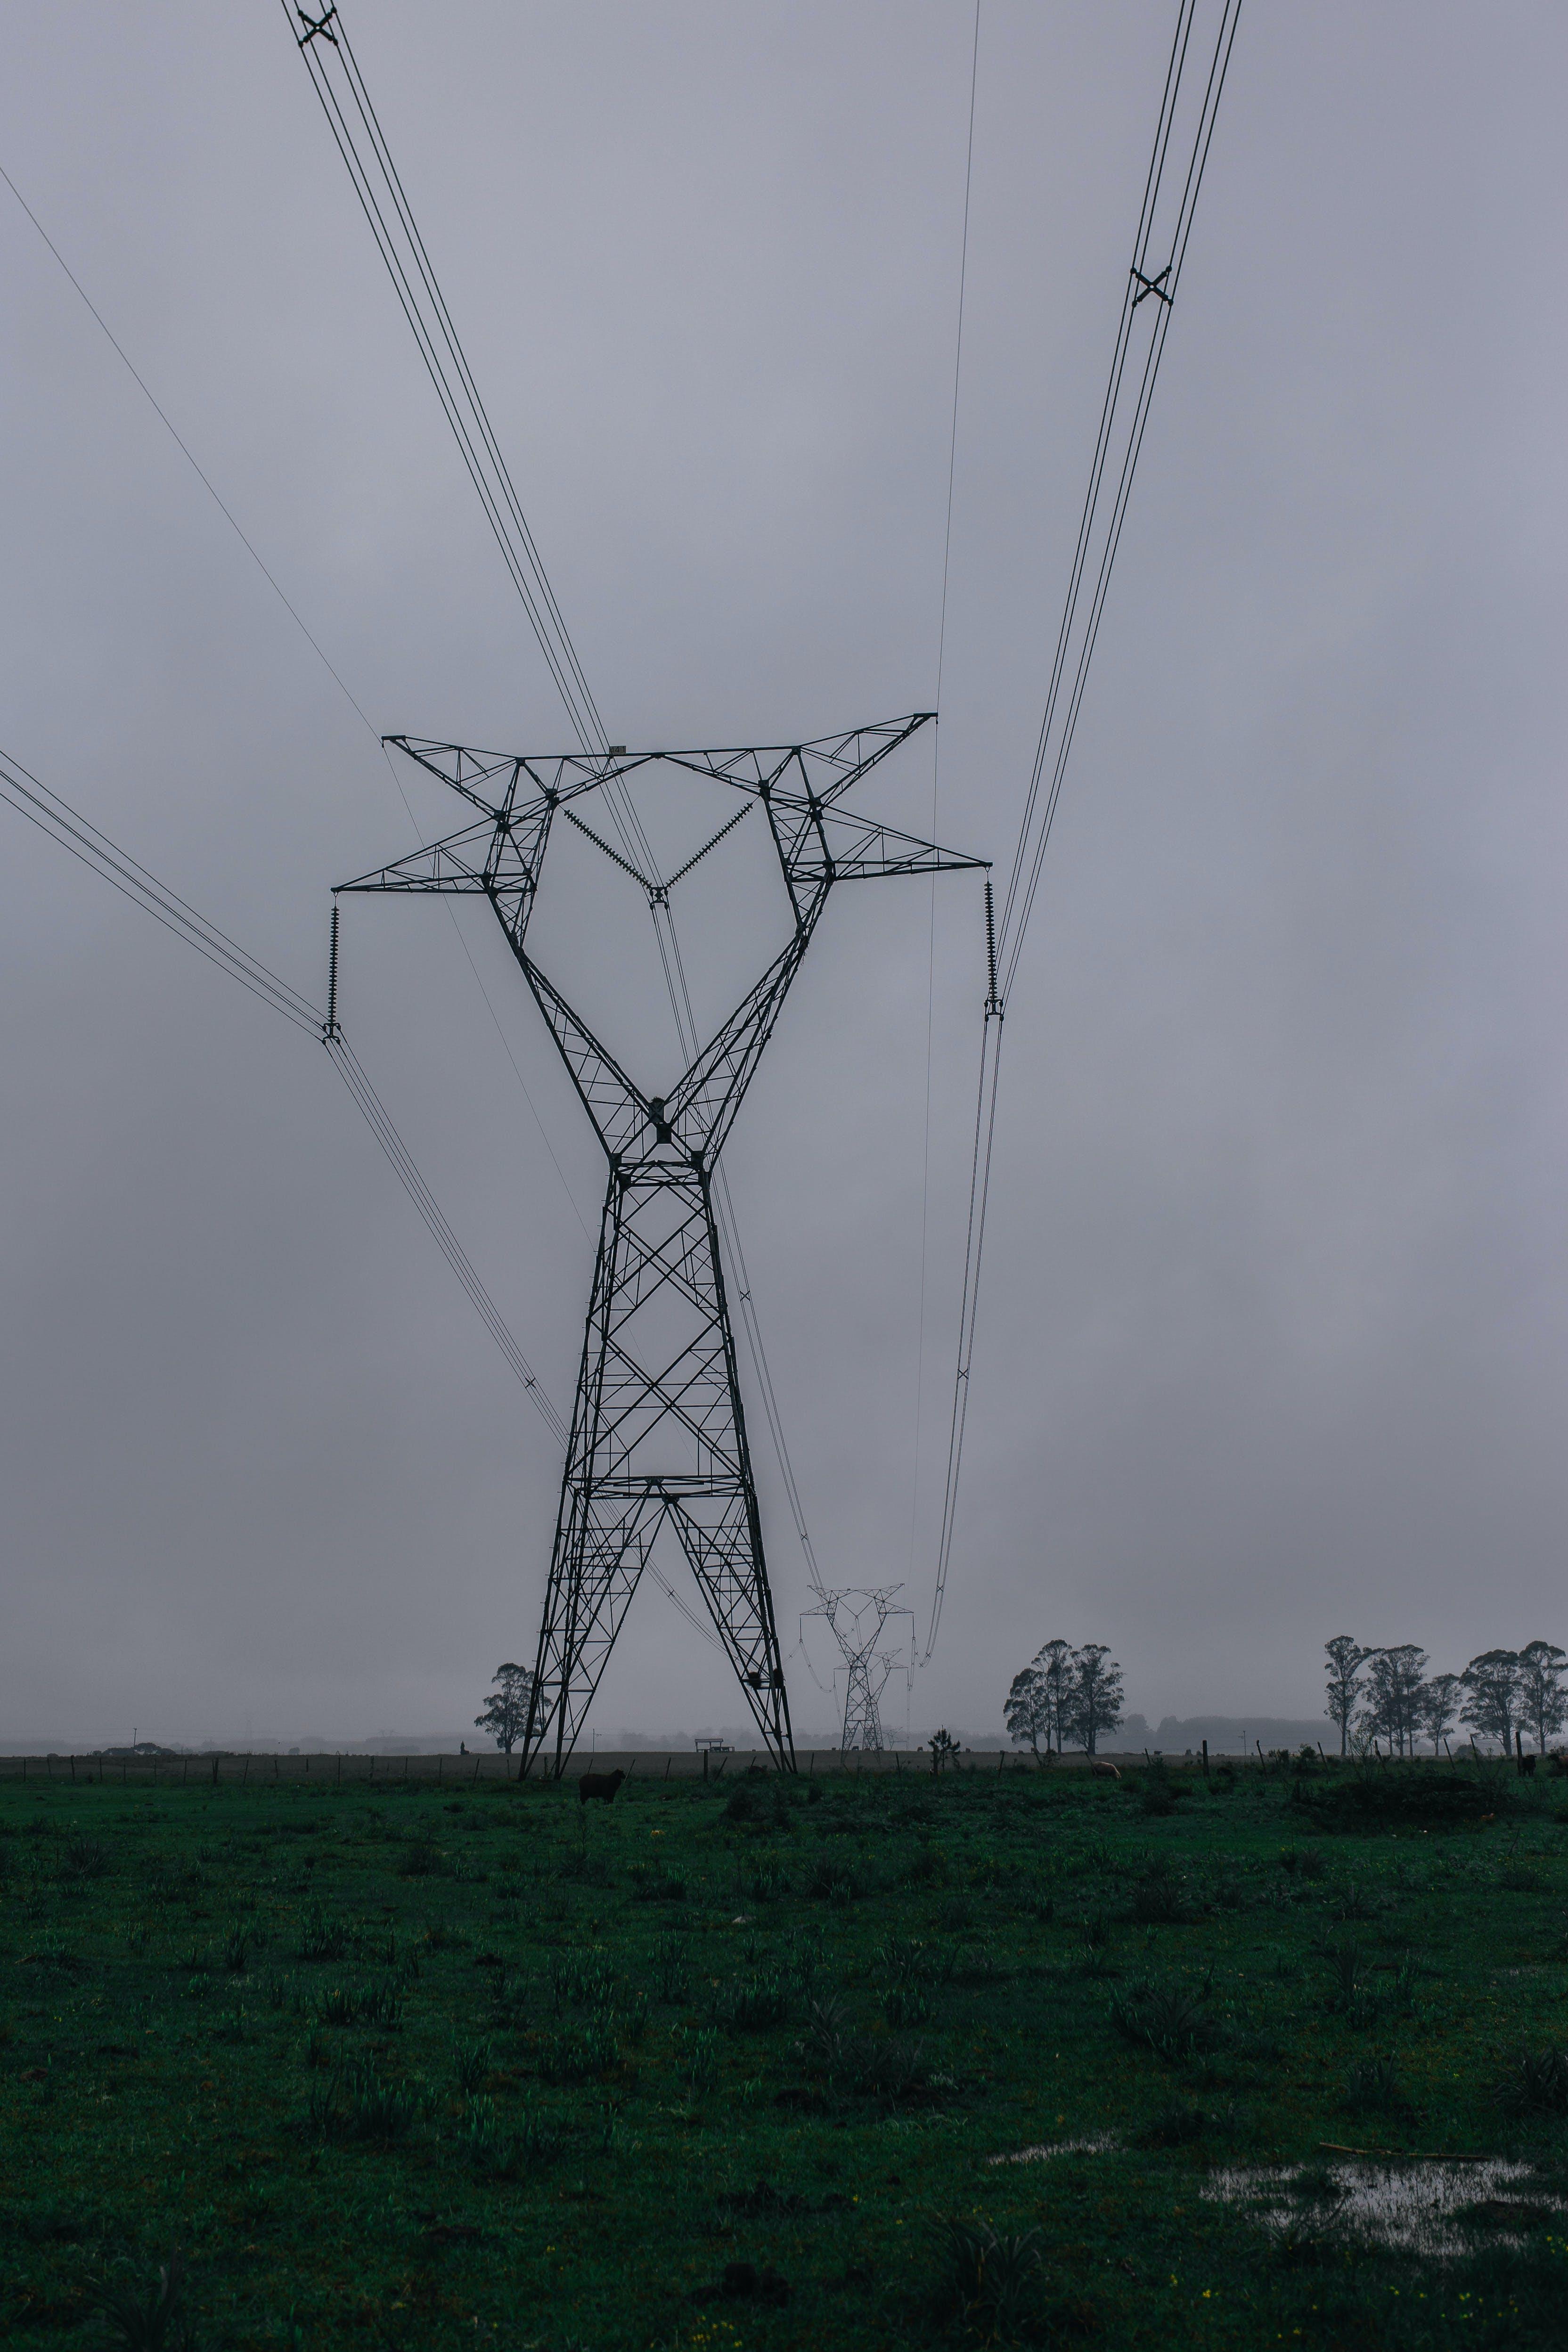 Kostenloses Stock Foto zu drähte, elektrizität, hochspannungsleitungen, nebel